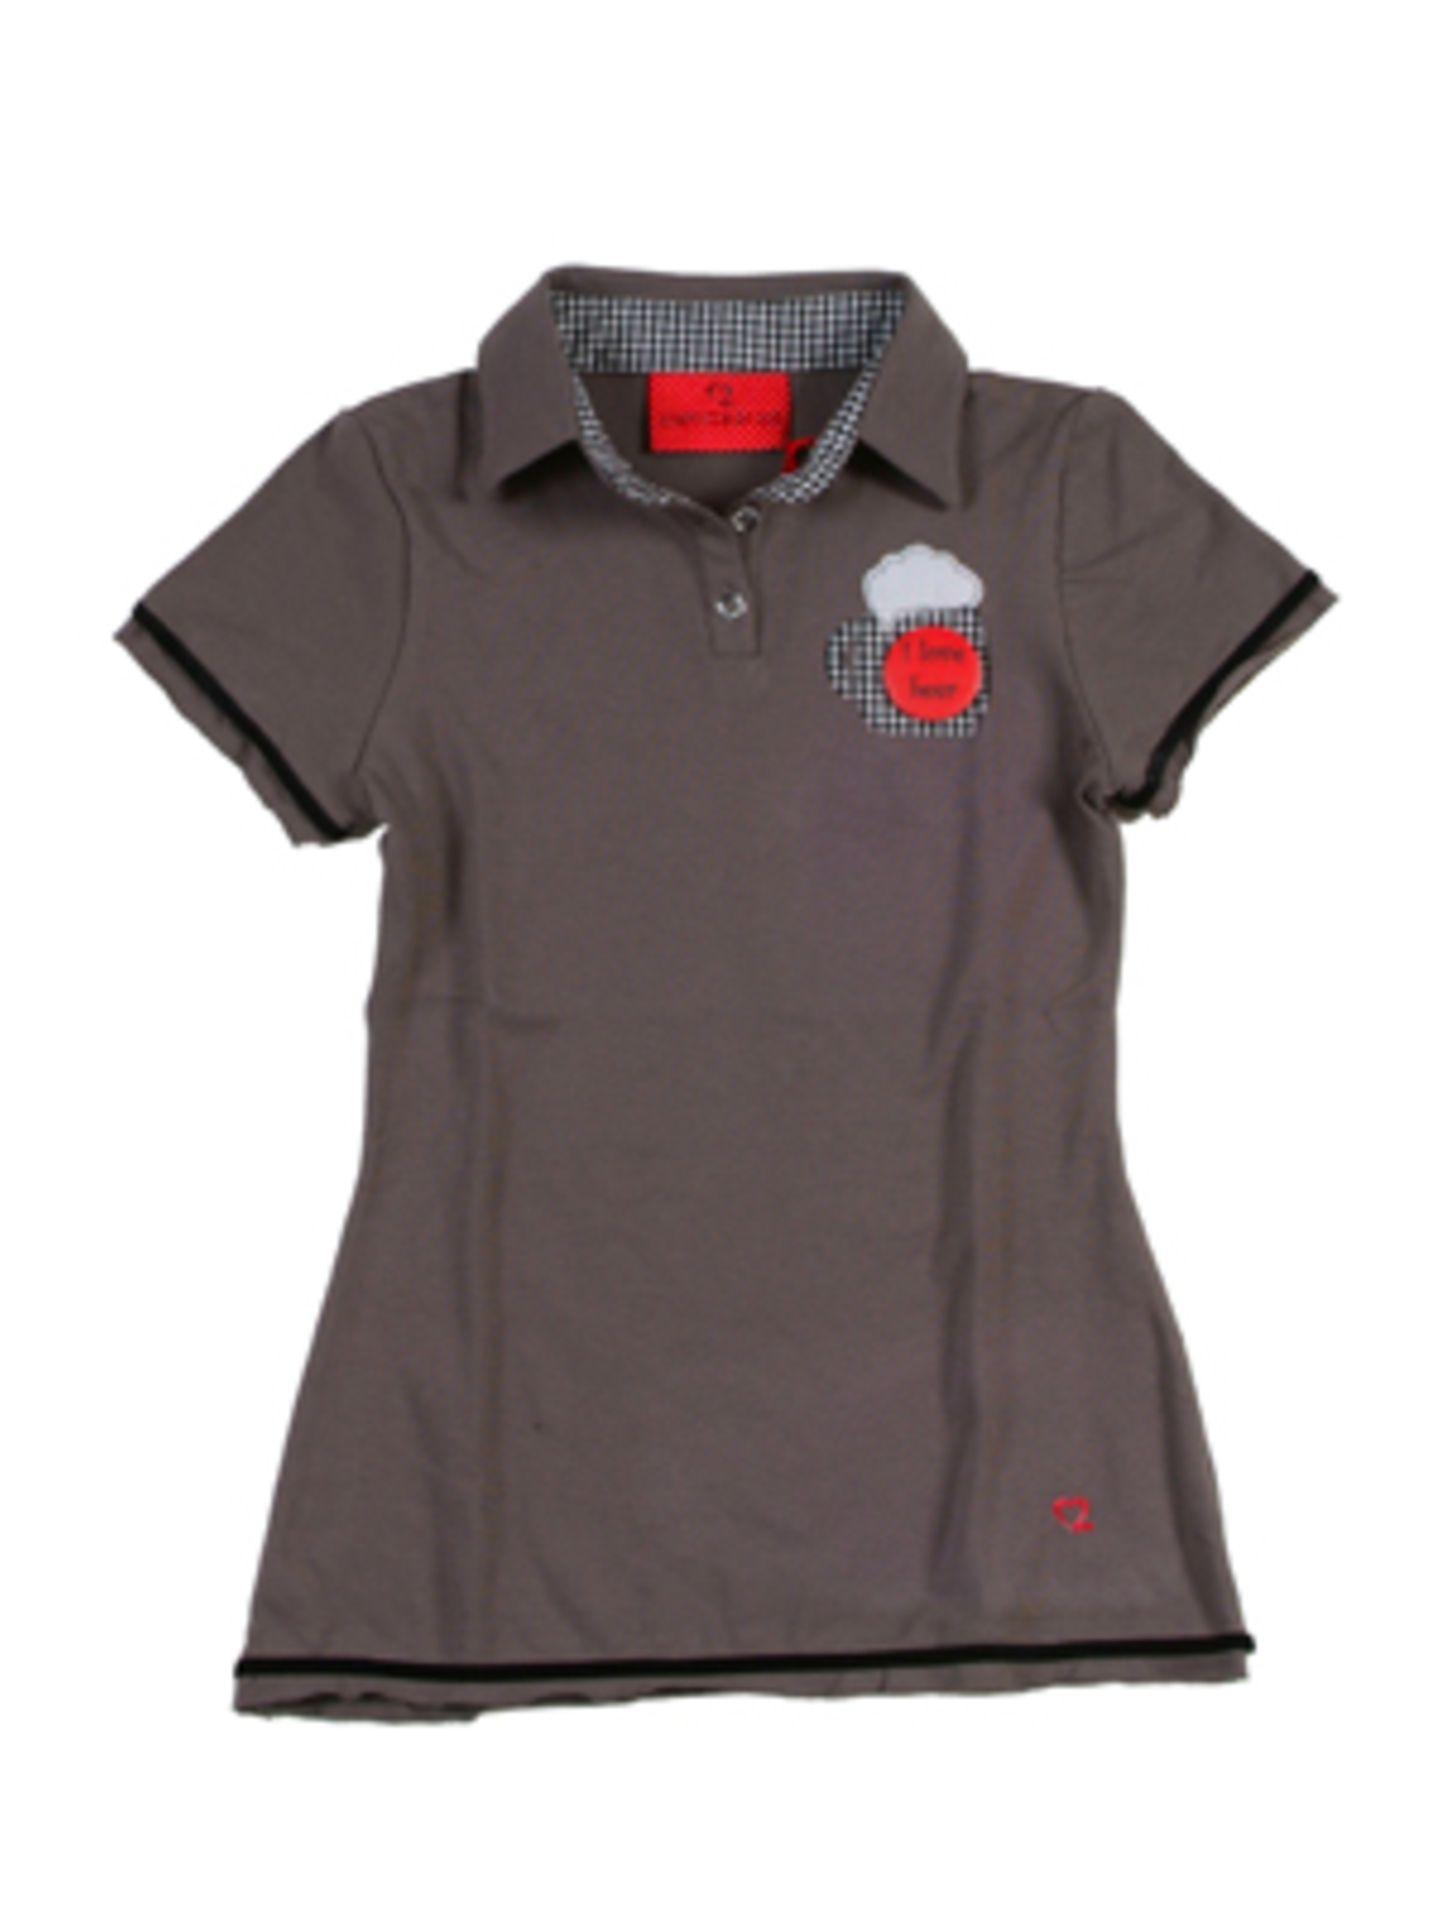 Taupefarbenes Polo-Shirt mit Bierkrug-Motiv von Zweitracht, um 50 Euro.